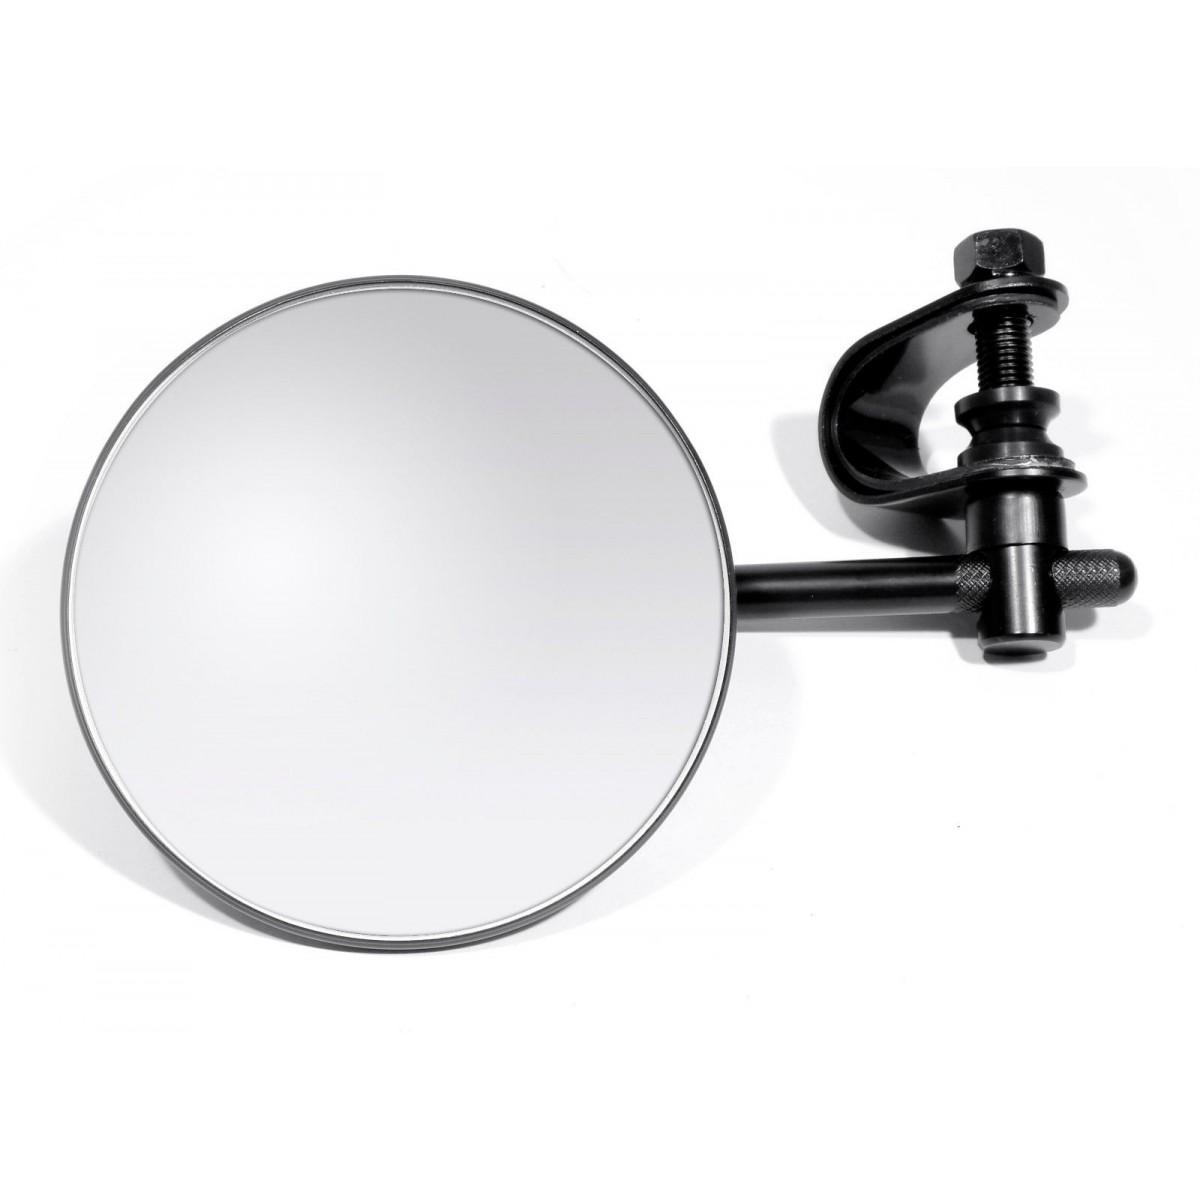 Schwarzer spiegel mit lenkerklemme f r harley bobber chopper for Spiegel rund schwarz